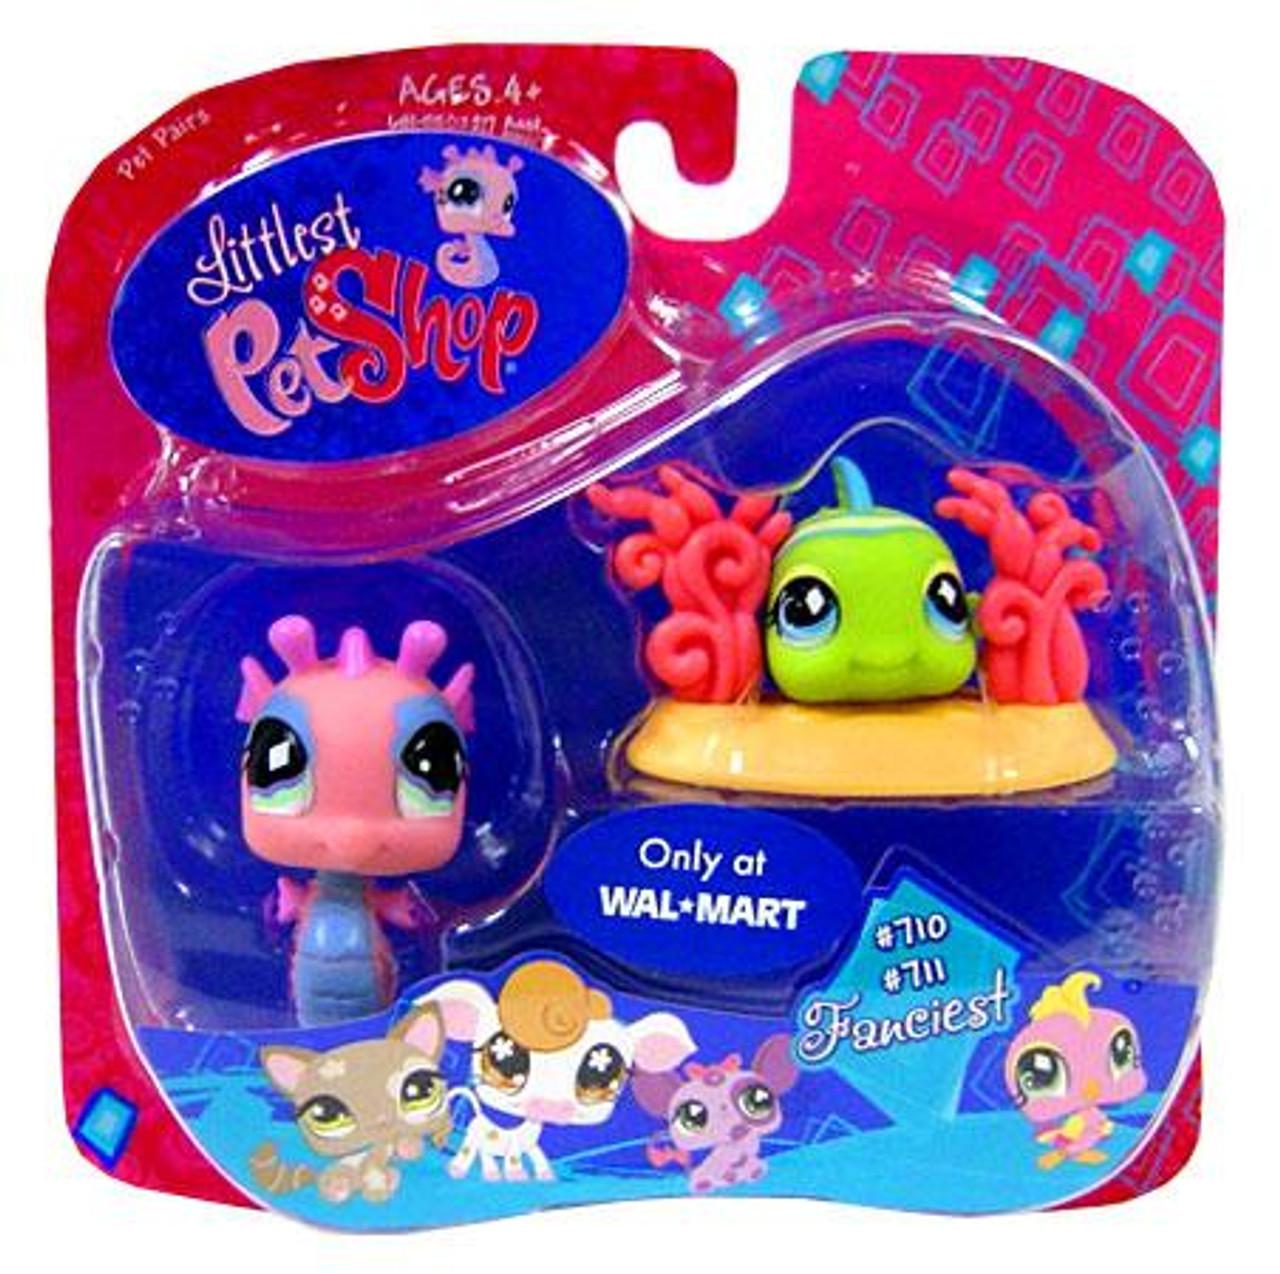 Littlest Pet Shop Seahorse & Clown Fish Exclusive Figure 2-Pack #710, 711